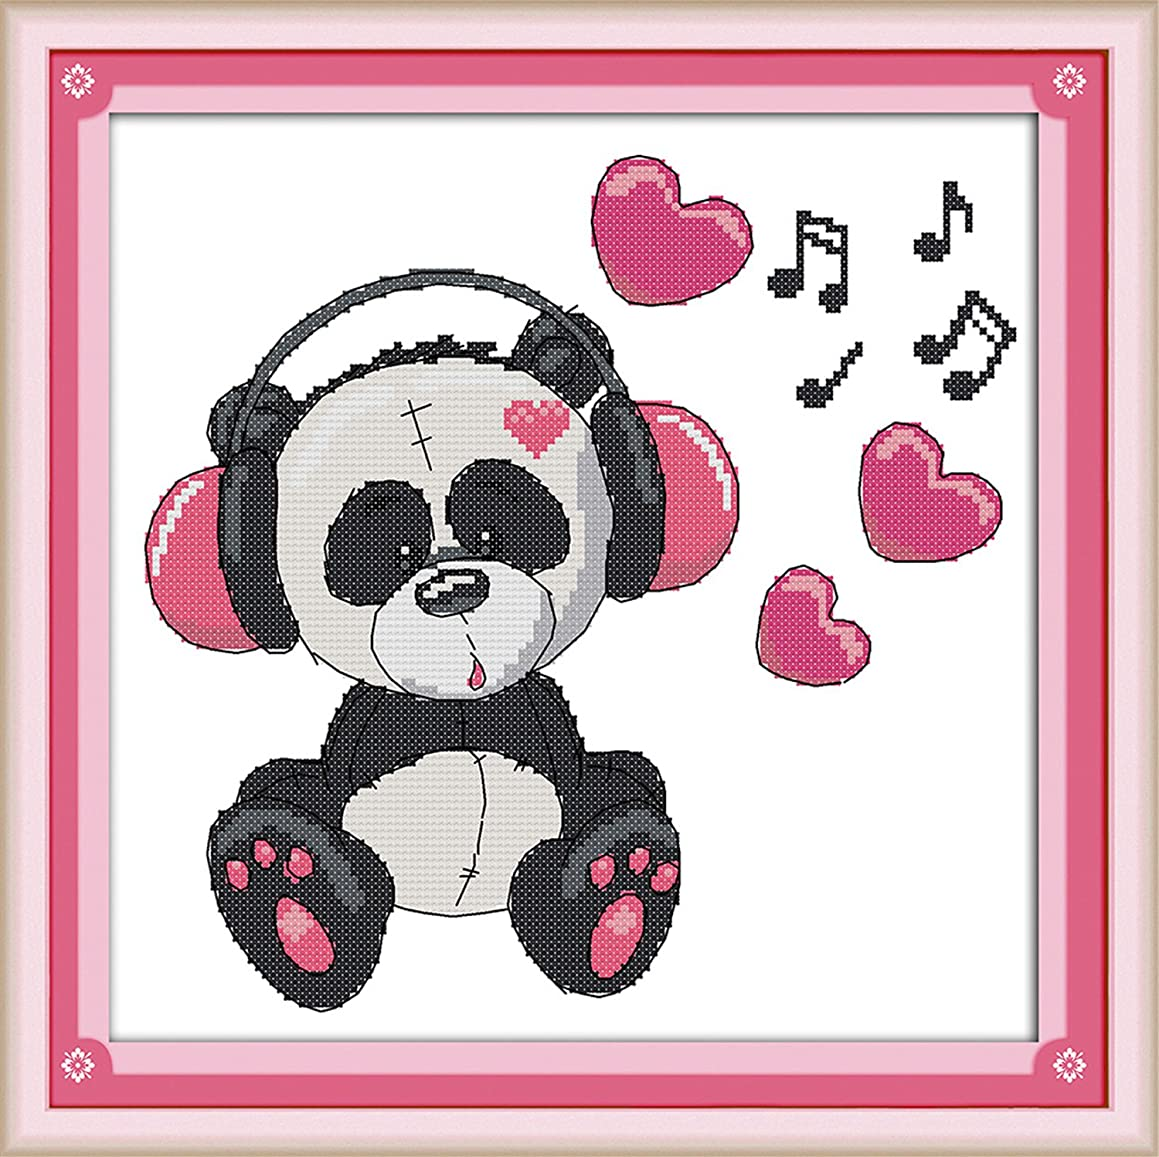 WHEEXLOCK Cross Stitch Kit Music Panda 11 Count 15.3